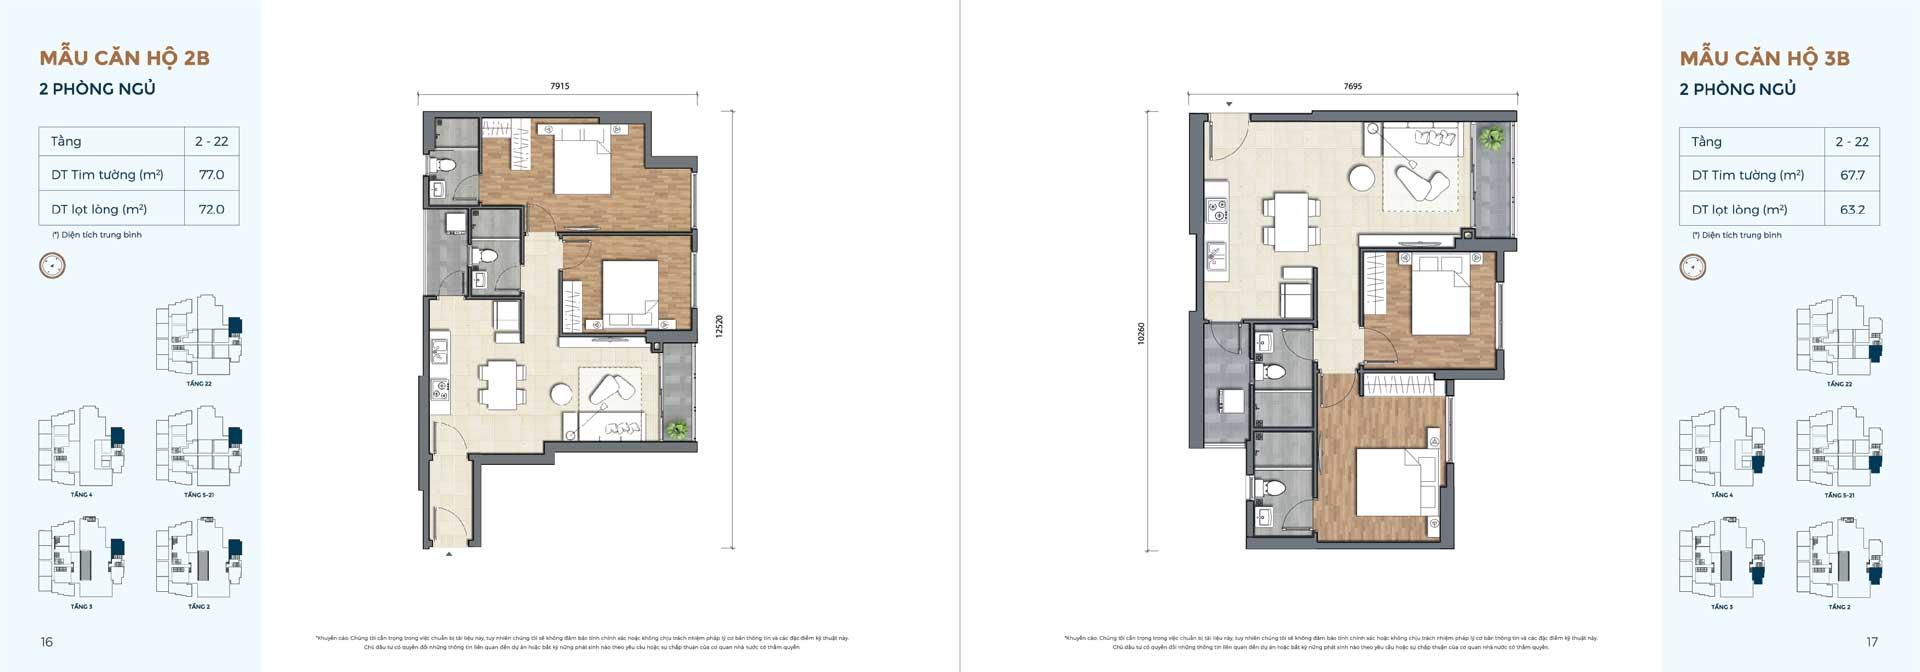 Thiết kế căn hộ loại 2 phòng ngủ 01